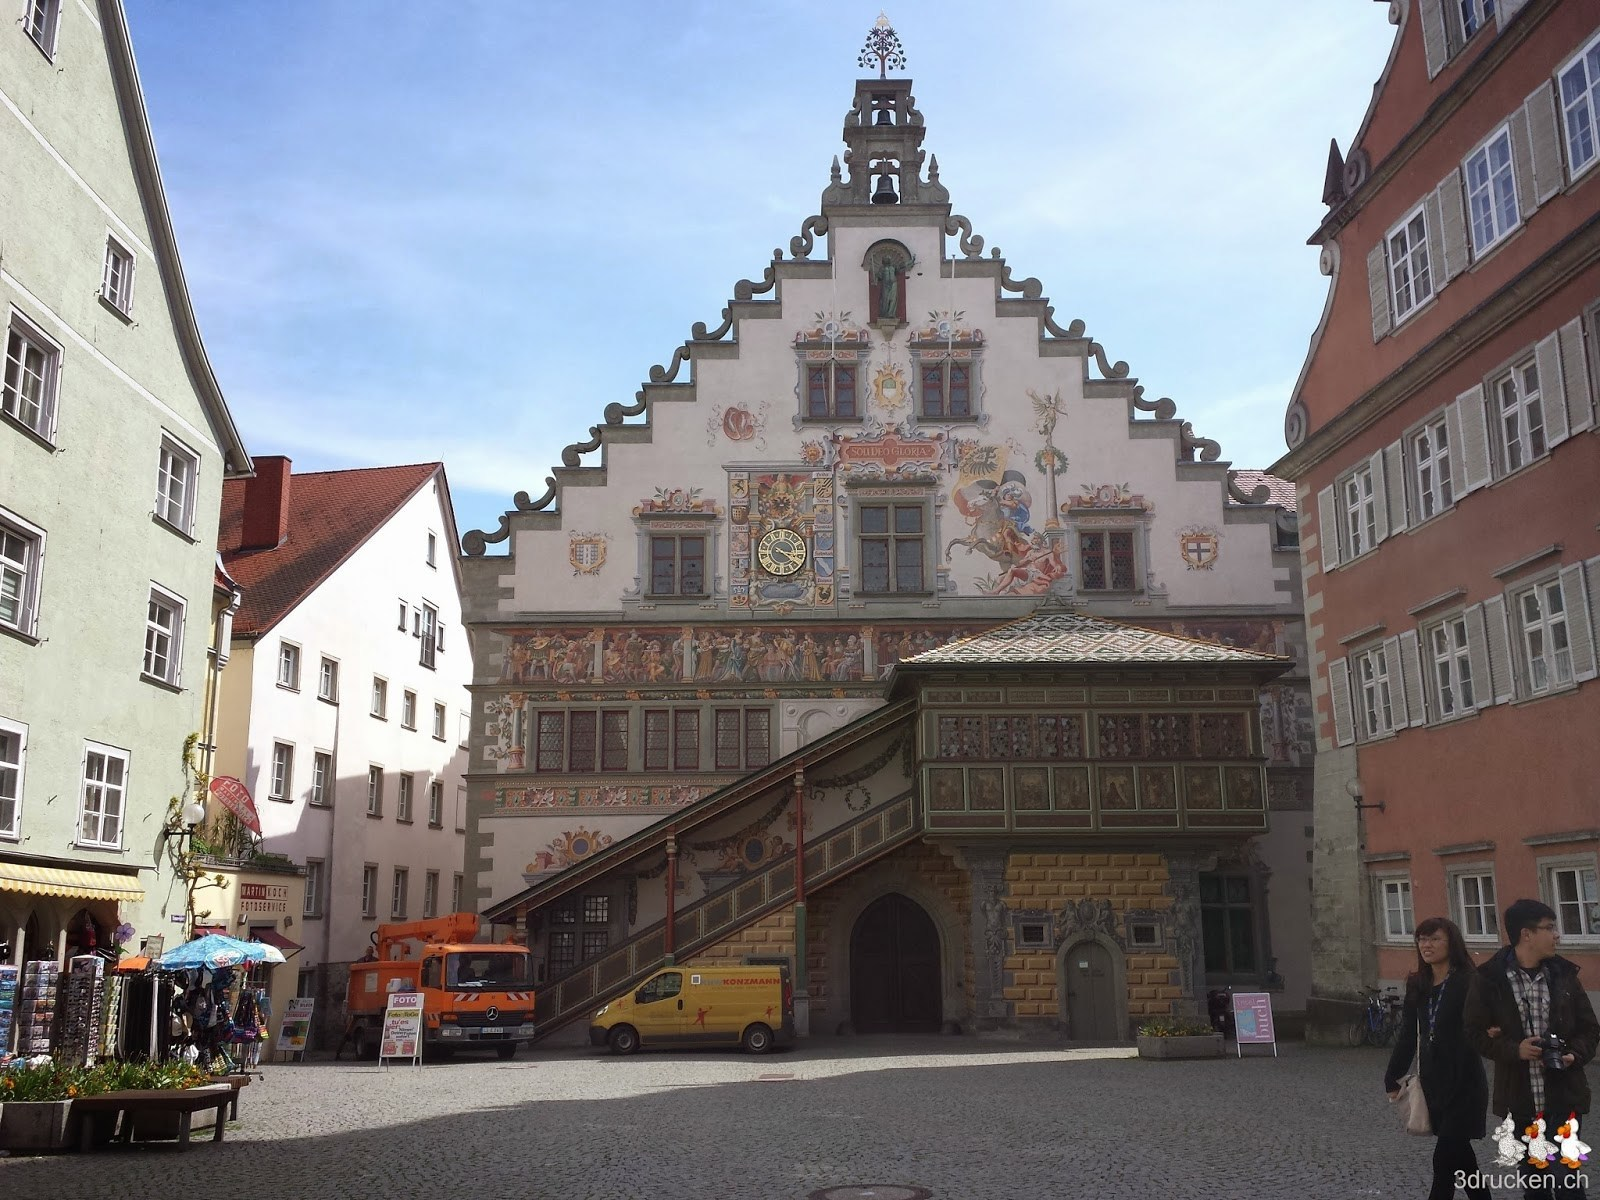 Foto des schönen Rathauses von Lindau